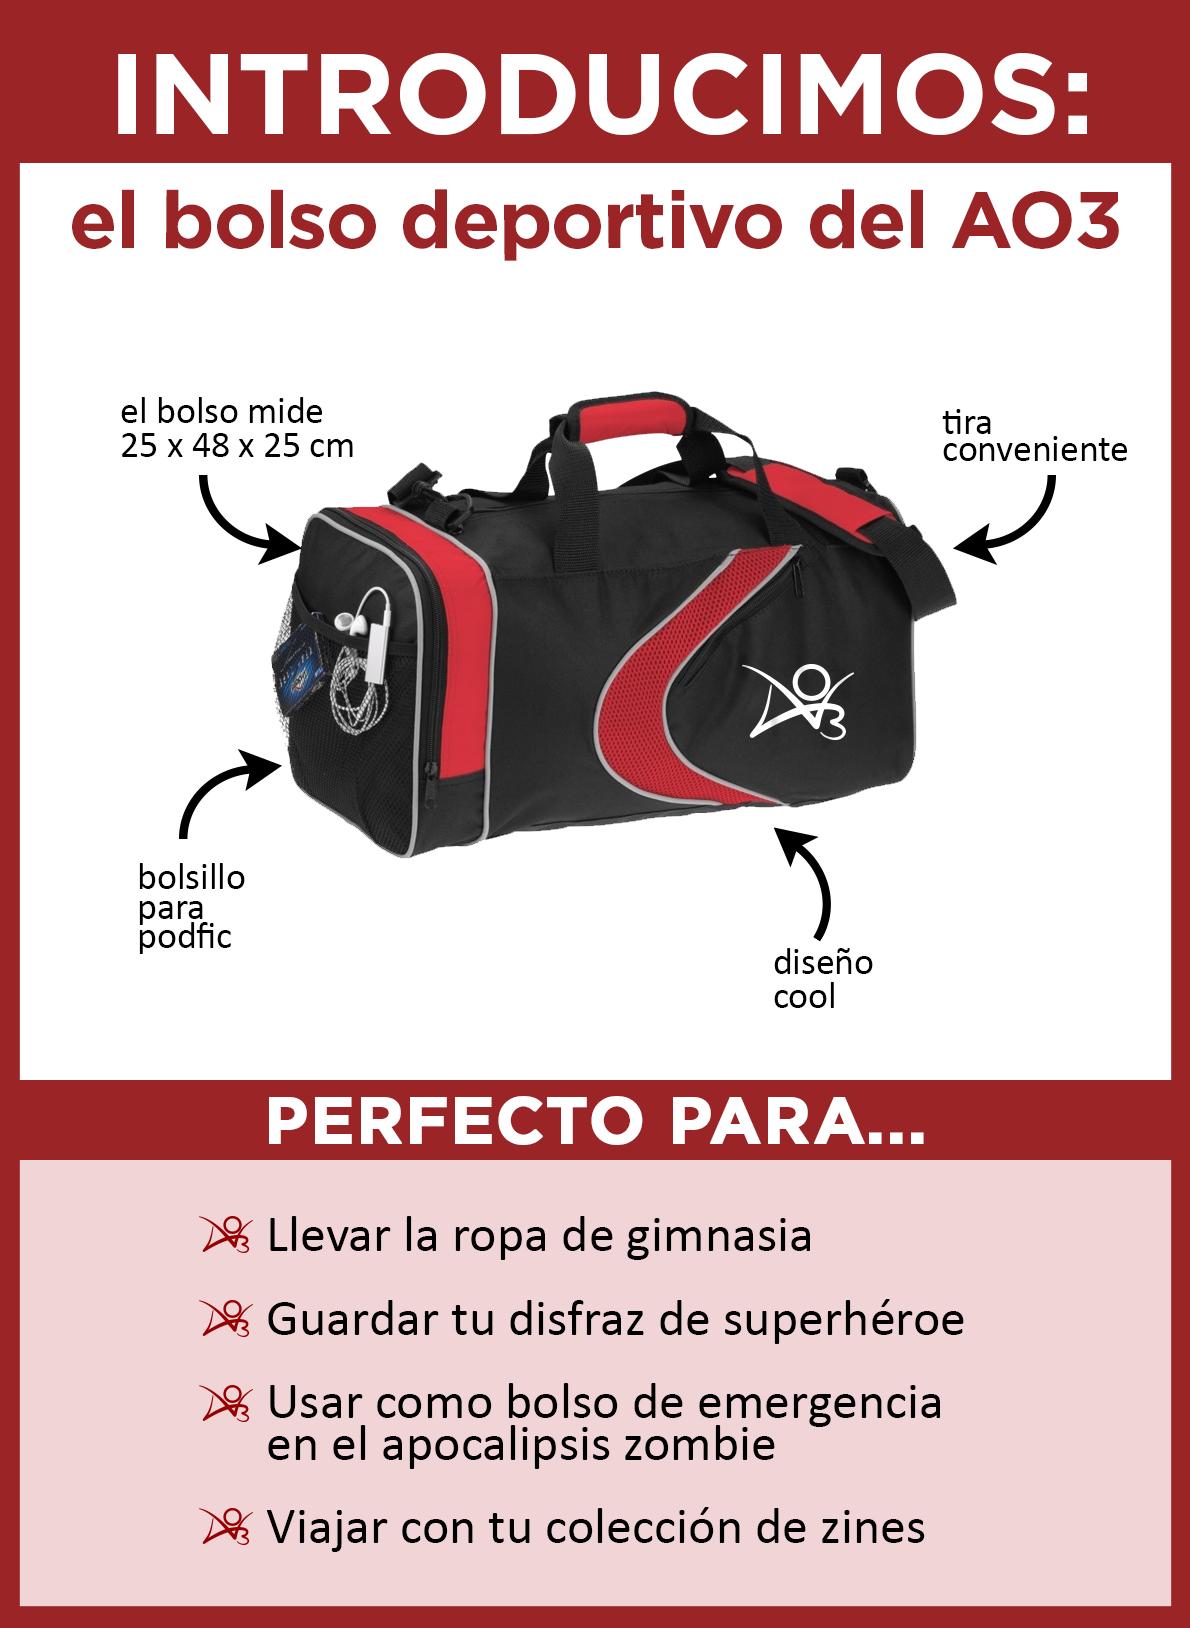 Introducimos el bolso deportivo del AO3. El bolso es negro con acentos de color rojo, una banda curva roja y el logo del AO3 en blanco en un costado. Mide 25 x 48 x 25 centímetros y tiene una correa para colgarse sobre el hombro y un bolsillo lateral ideal para llevar tu reproductor de podfics. Es perfecto para llevar la ropa del gimnasio, almacenar tu disfraz de superhéroe, utilizarlo como bolso de escape para un apocalipsis zombie, o para viajar con tu colección de zines.